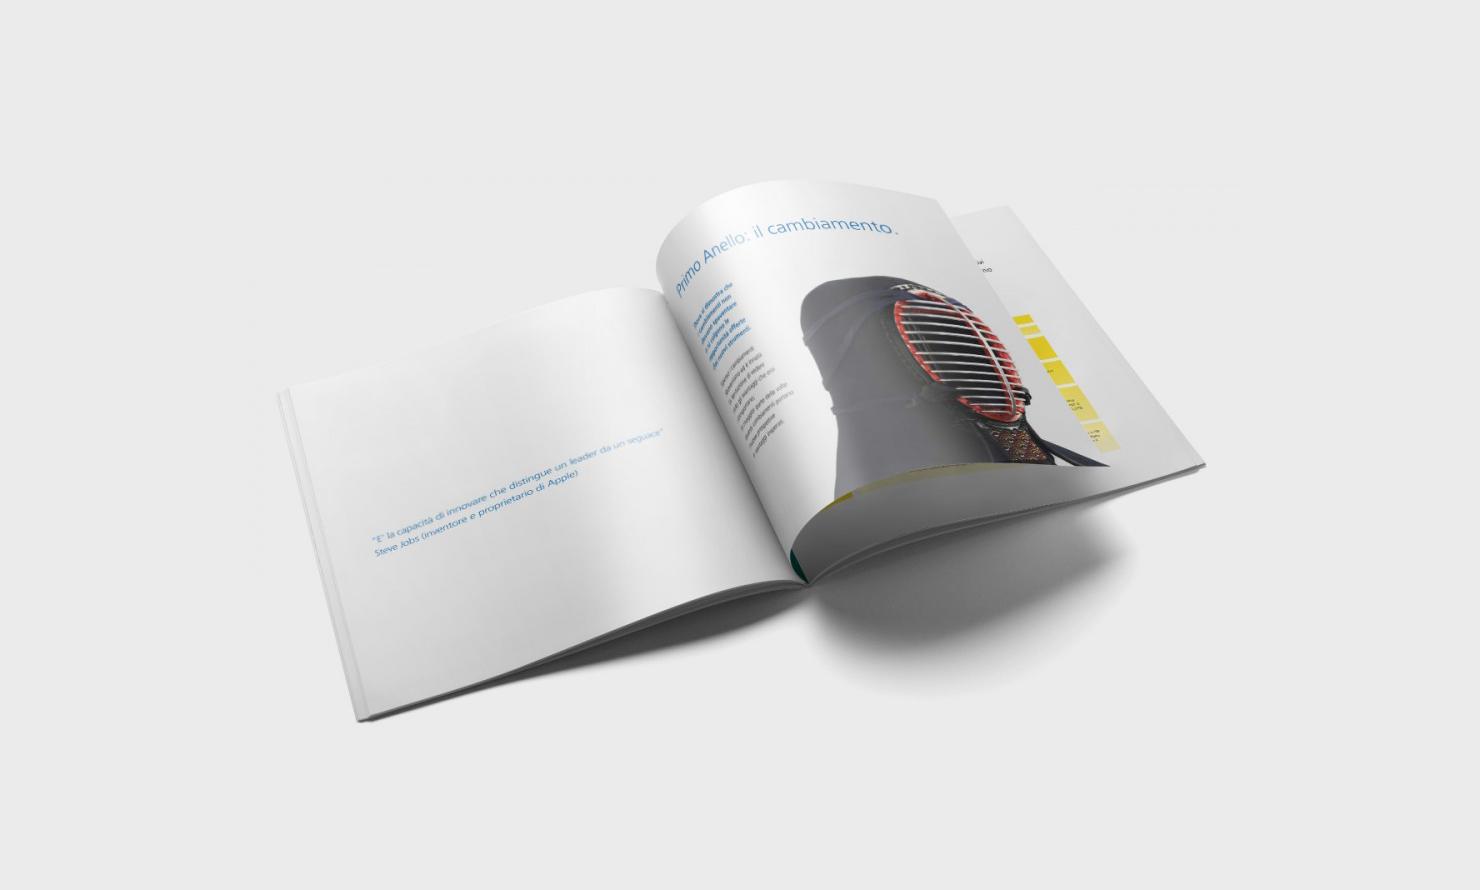 https://kubelibre.com/uploads/Slider-work-tutti-clienti/aviva-kit-agenti-il-libro-dei-cinque-anelli-2.jpg